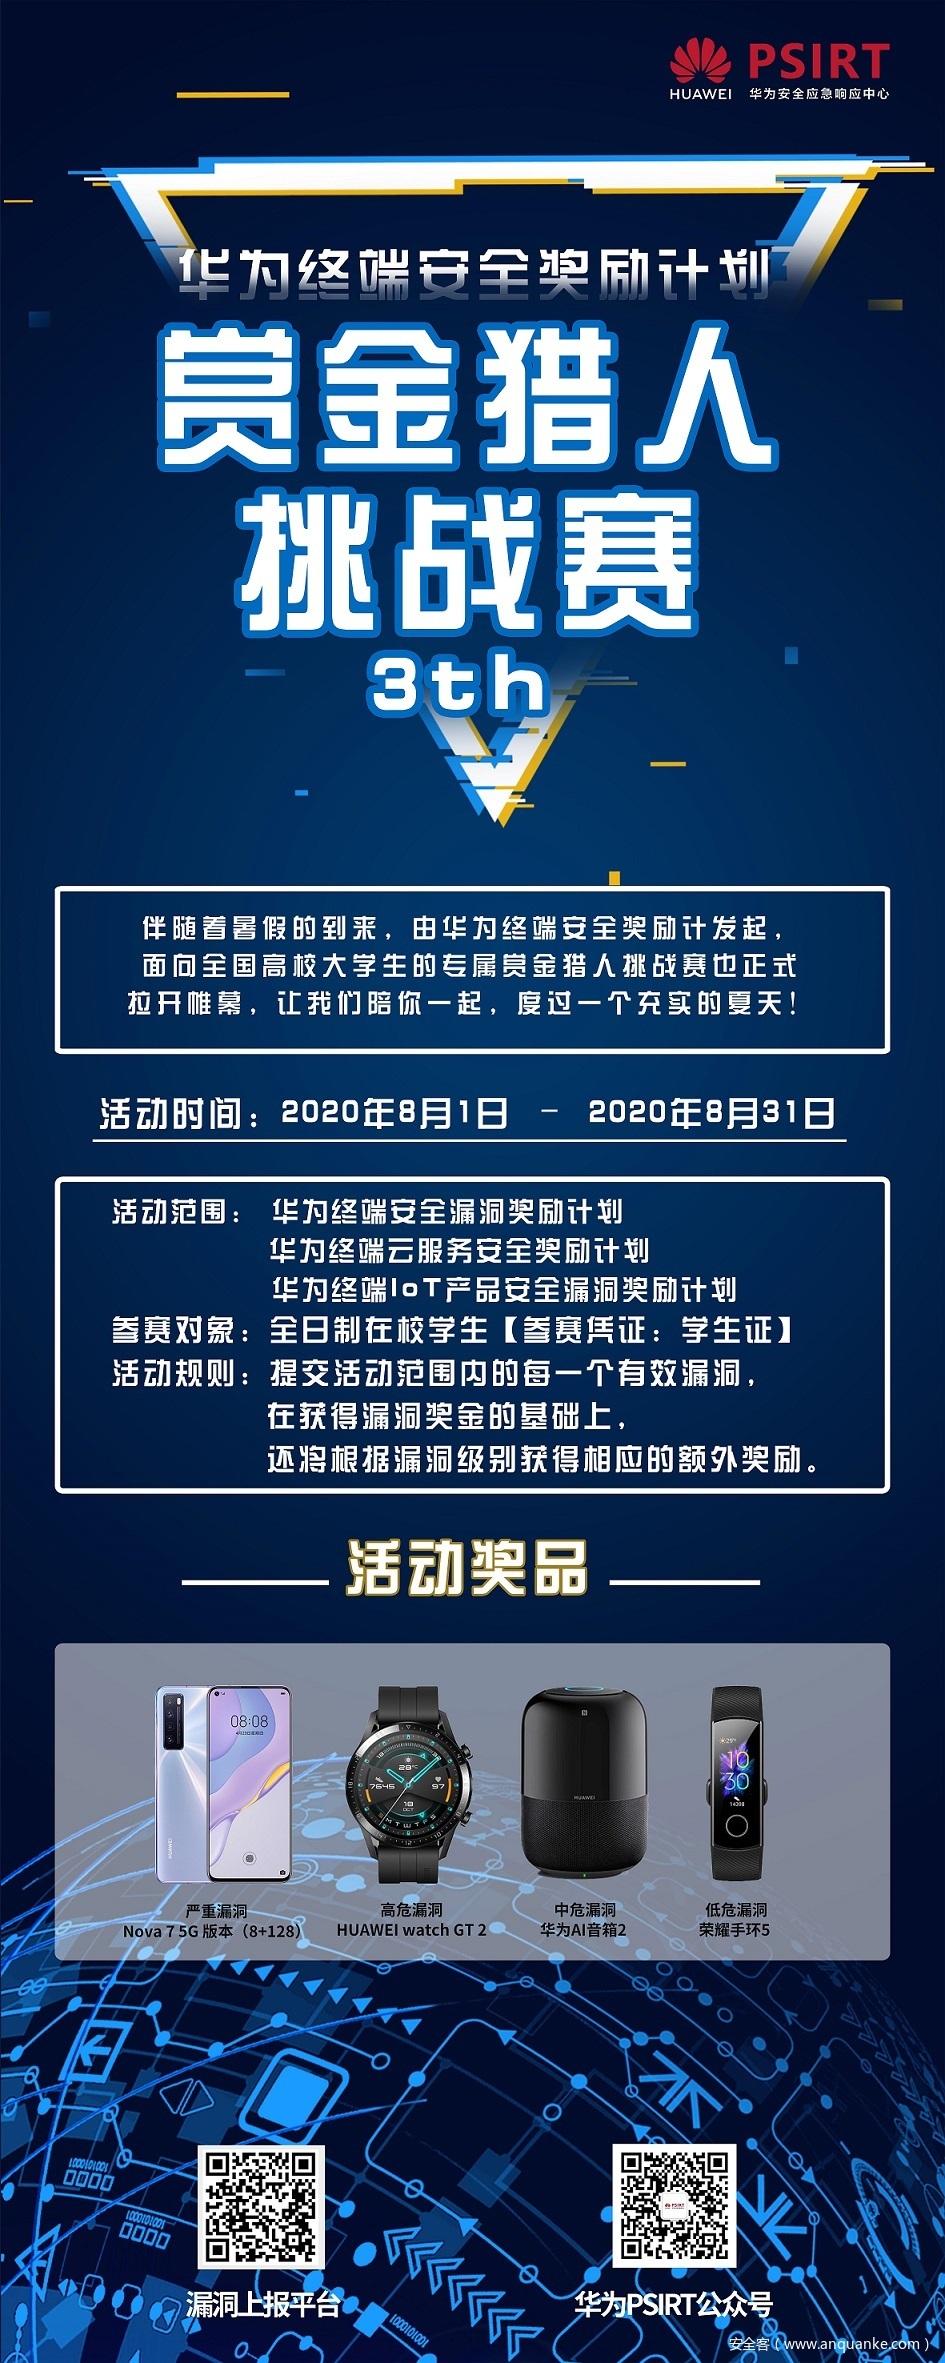 活动 | 华为终端安全奖励计划-赏金猎人挑战赛